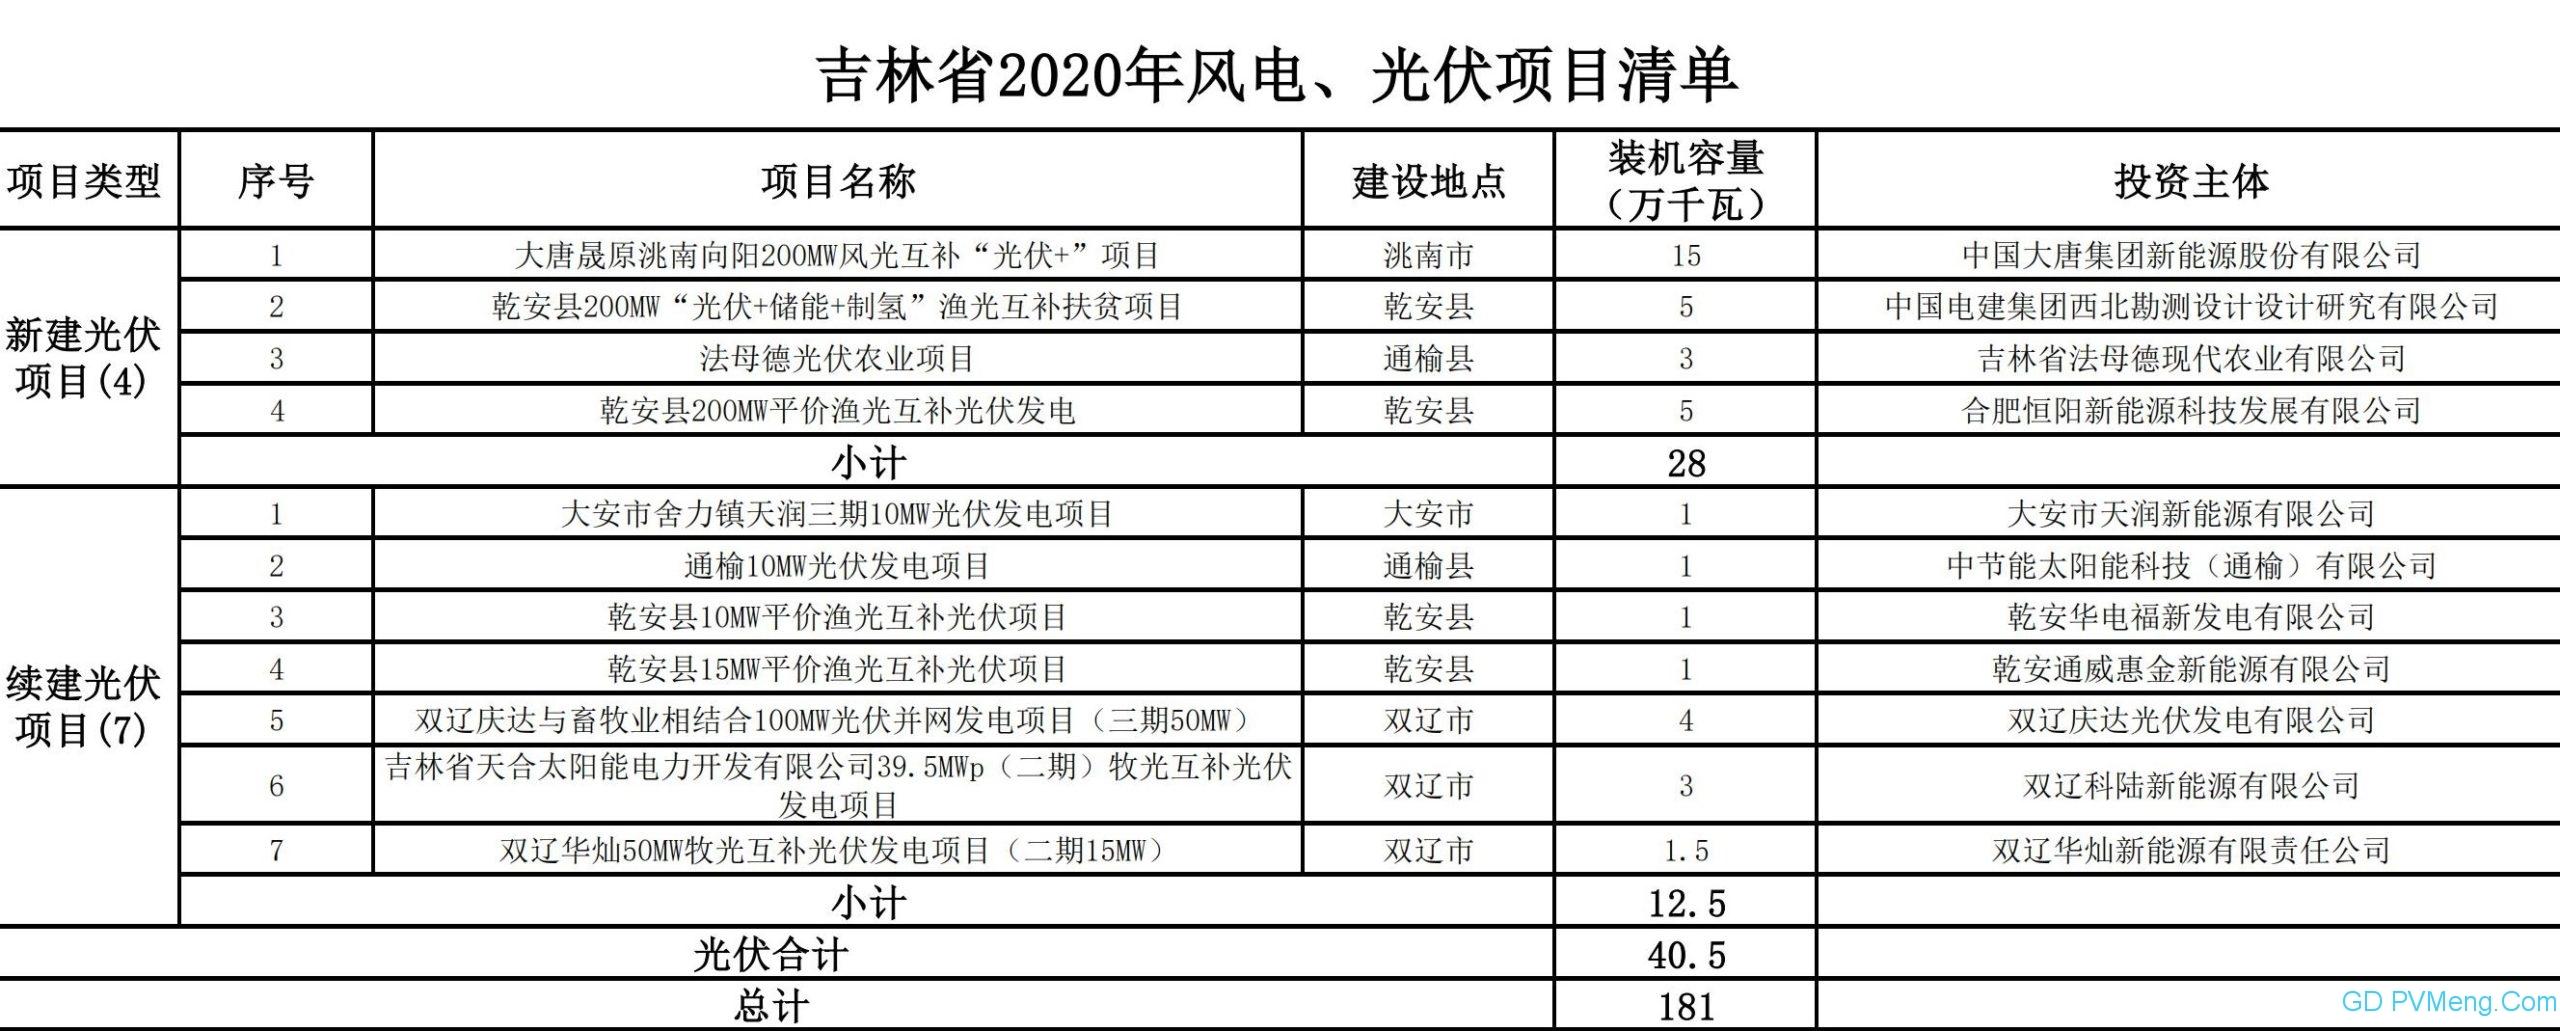 吉林省能源局关于下达2020年度风电、光伏发电项目建设计划的通知(吉能新能〔2020〕136号)20200615